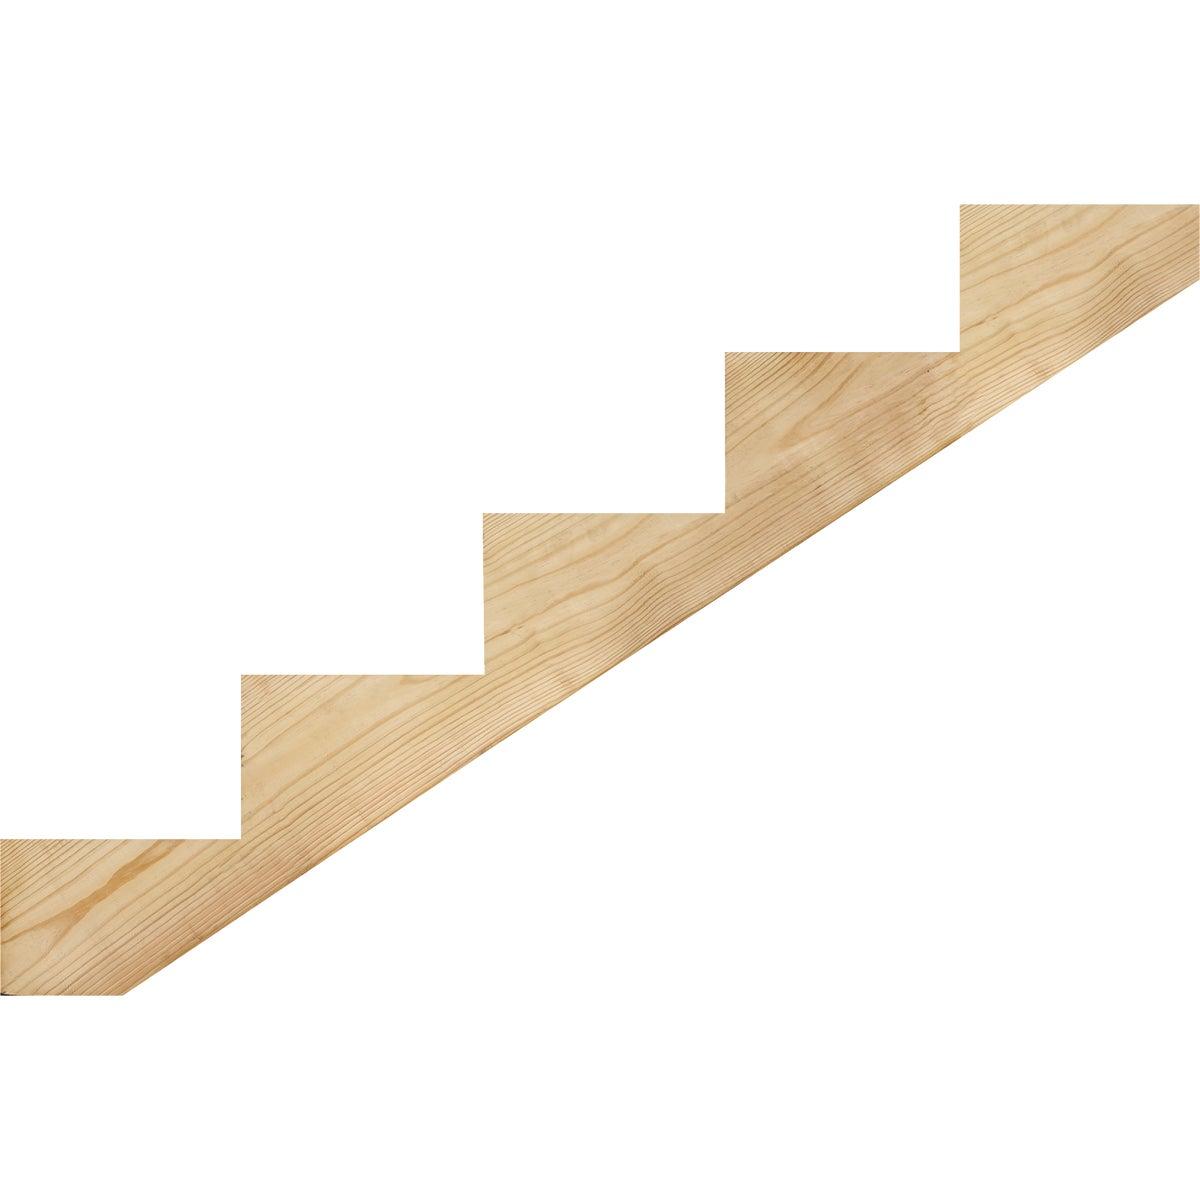 Treated 5-Step Stringer